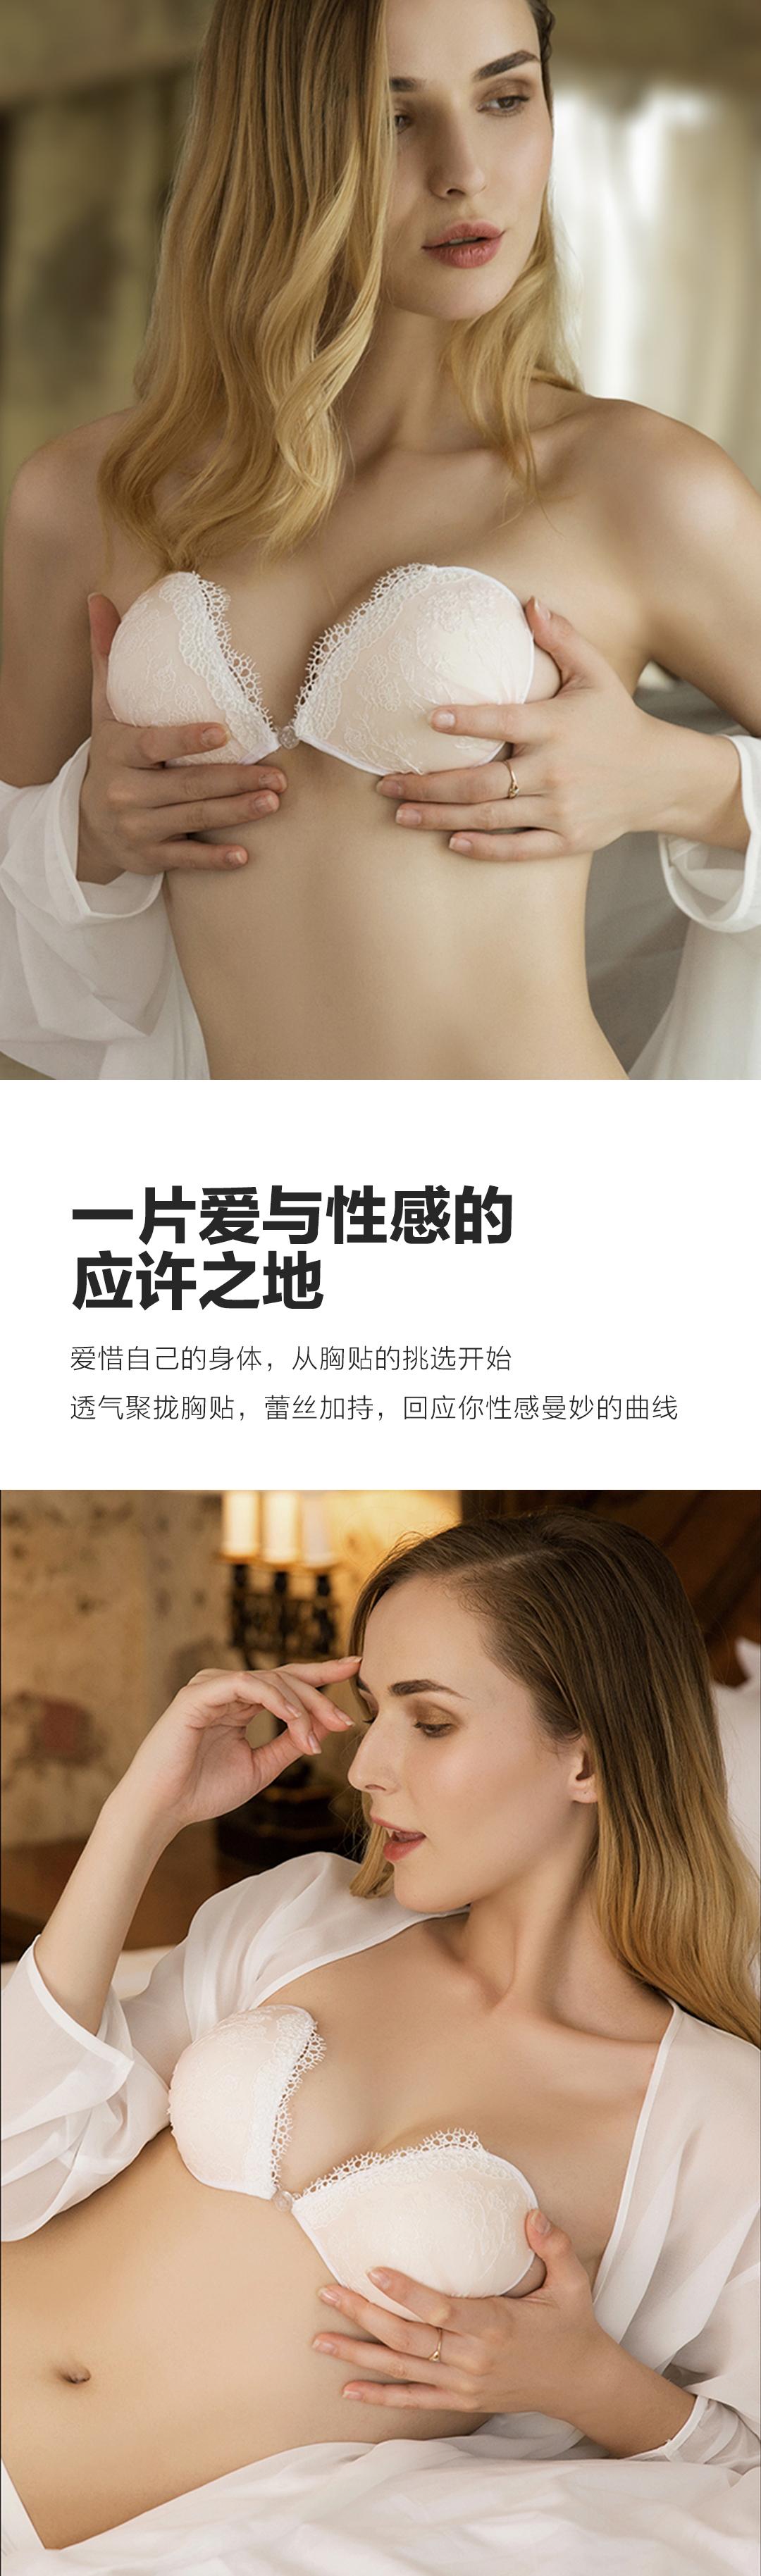 甜美公主婚纱专用蕾丝硅胶聚拢隐形胸贴